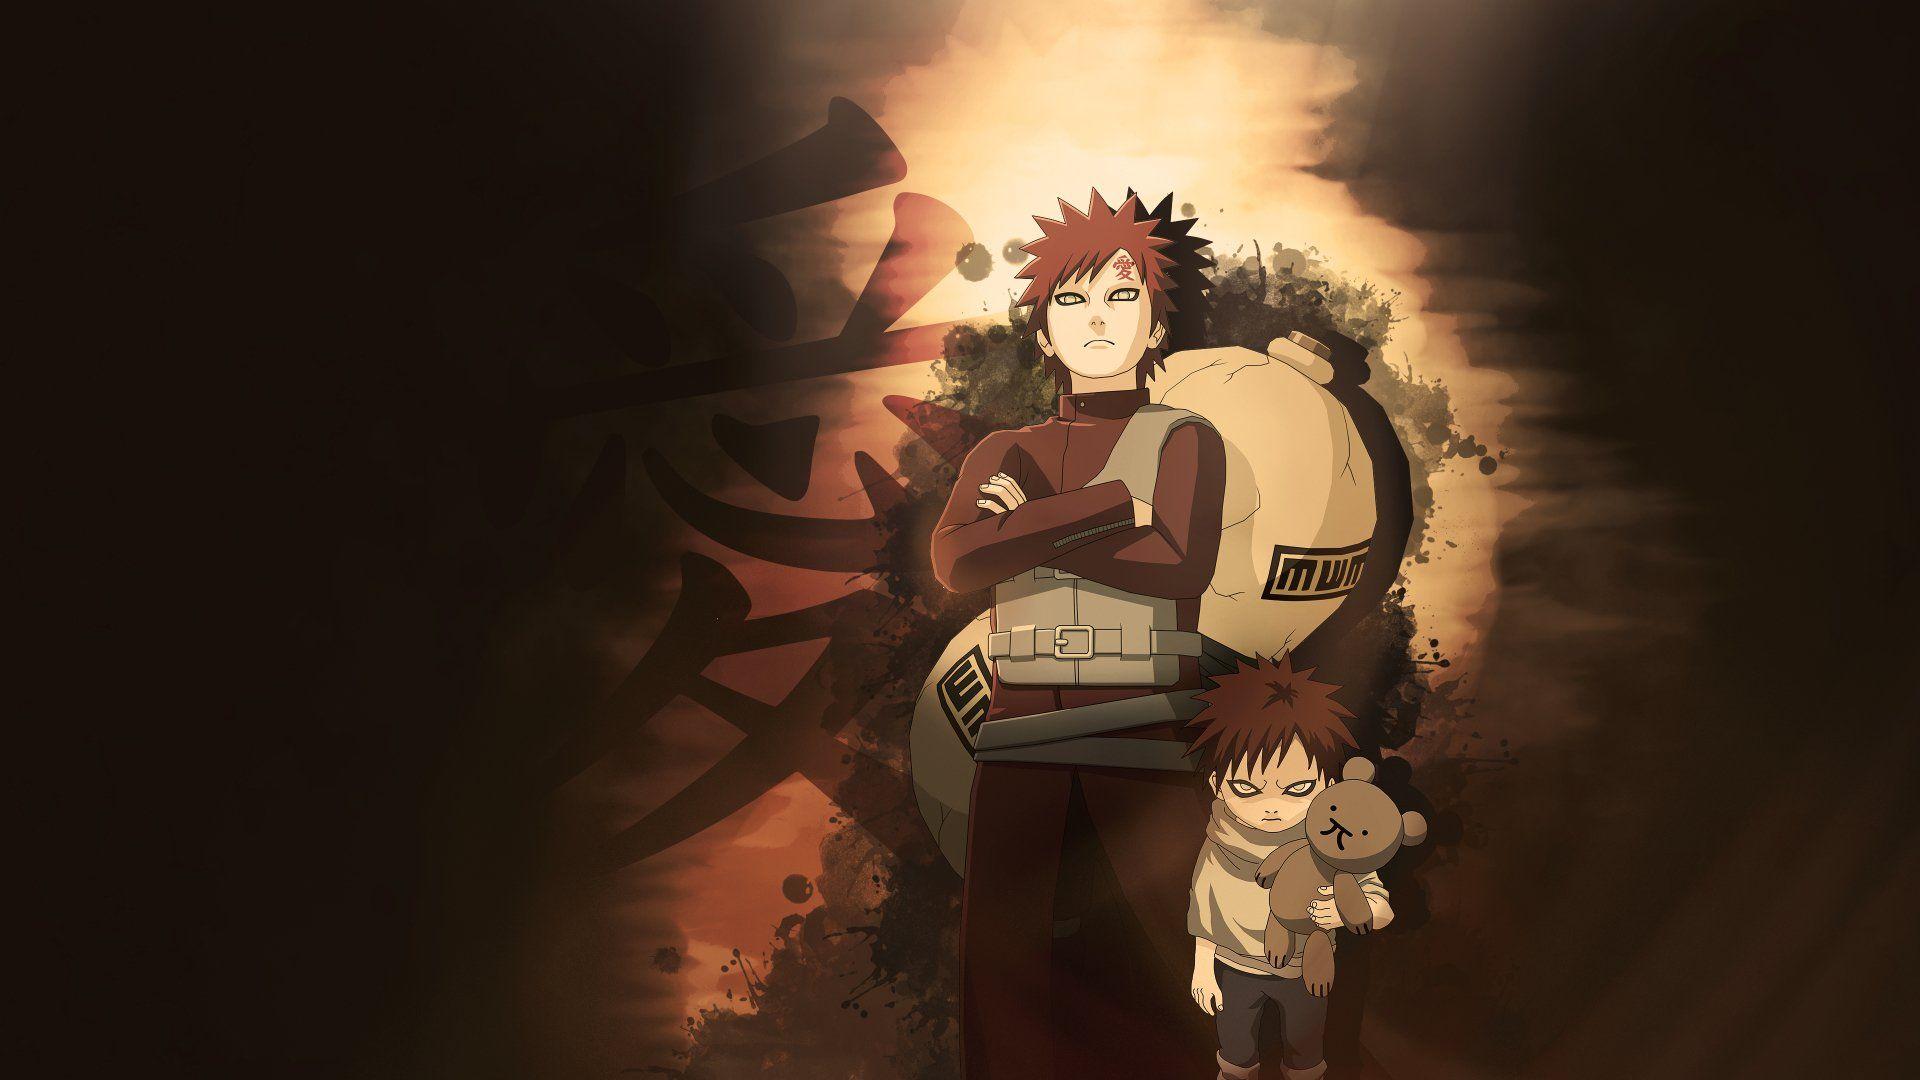 Anime Naruto Gaara Naruto Wallpaper